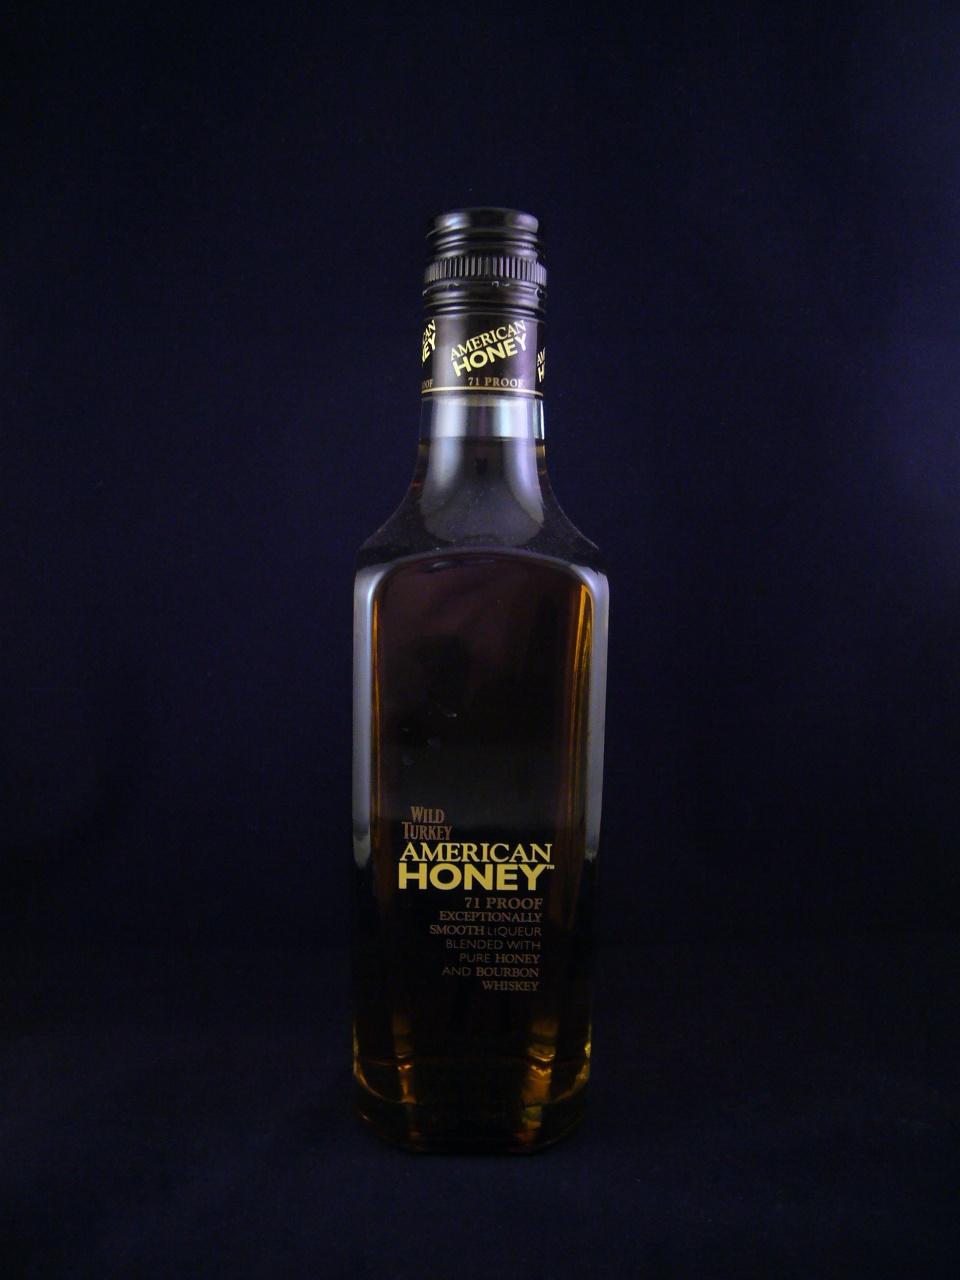 [위스키 - 꿀] 위스키와 꿀의 만남, 아메리칸 허..